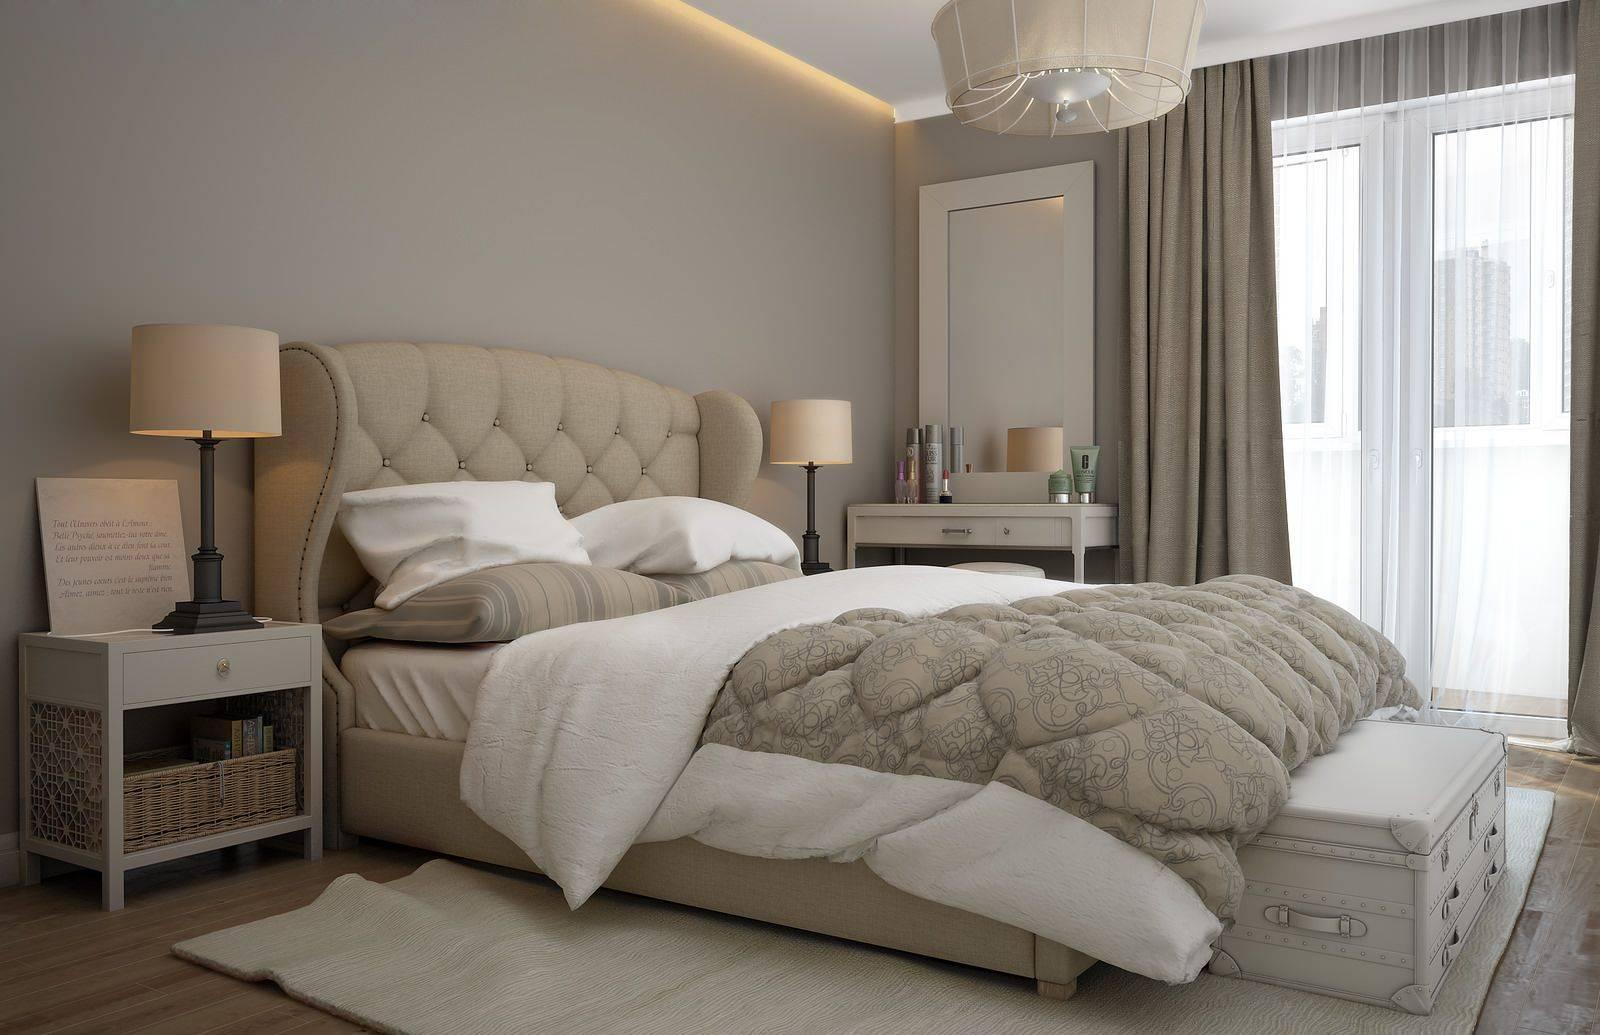 Спальня в бежевых тонах: фото в интерьере, сочетания, примеры с яркими акцентами